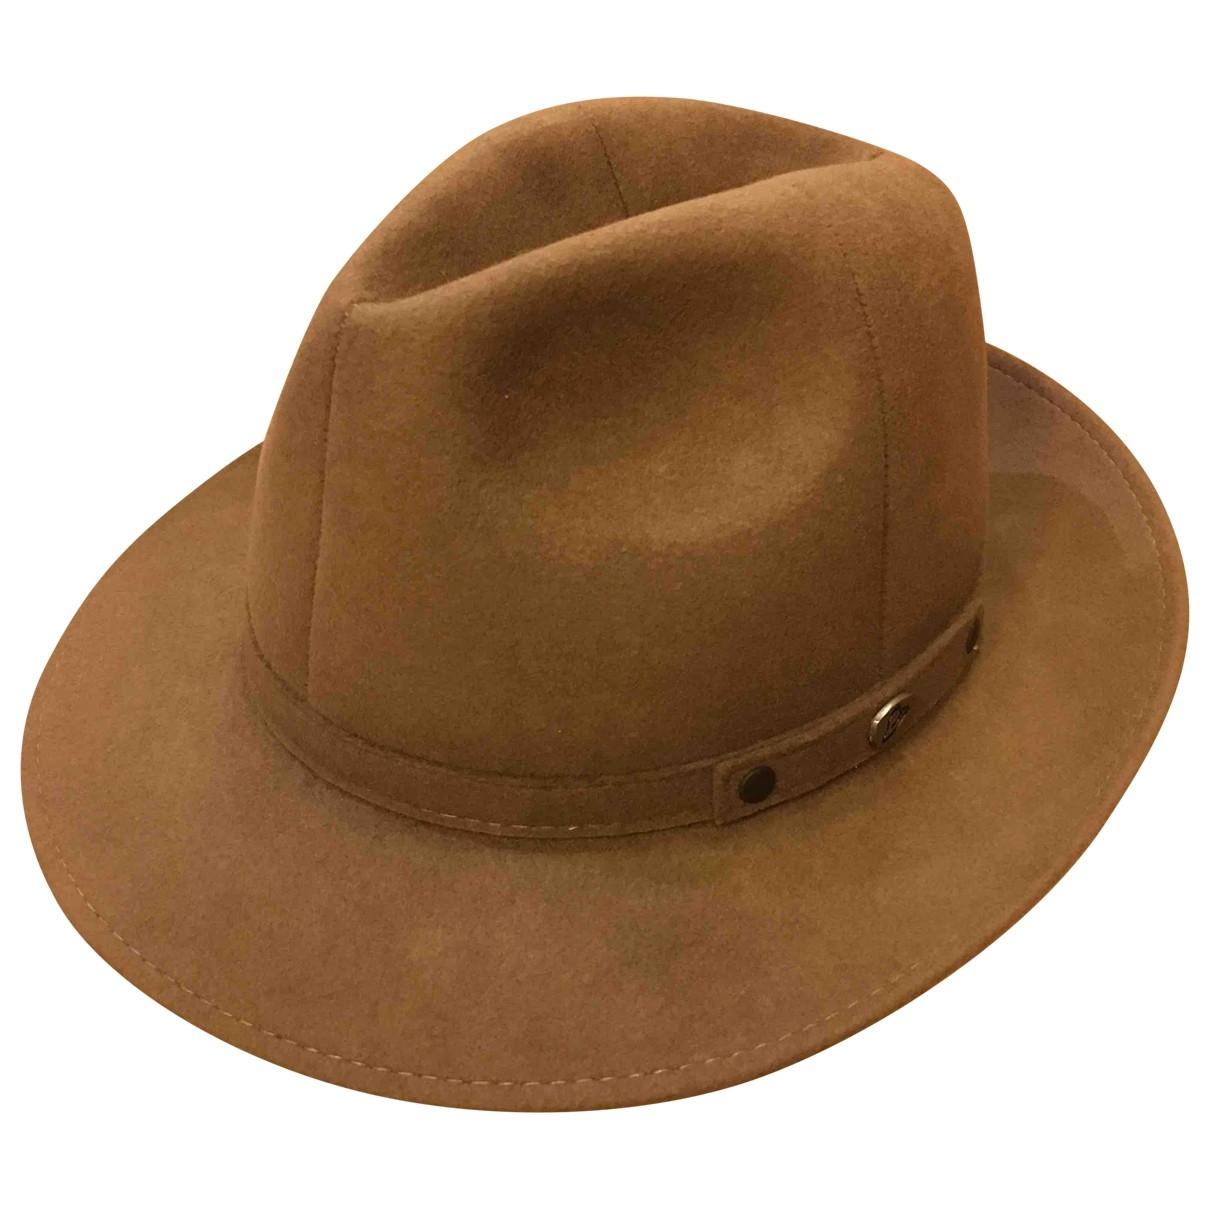 Borsalino \N Rabbit hat & pull on hat for Men 56 cm